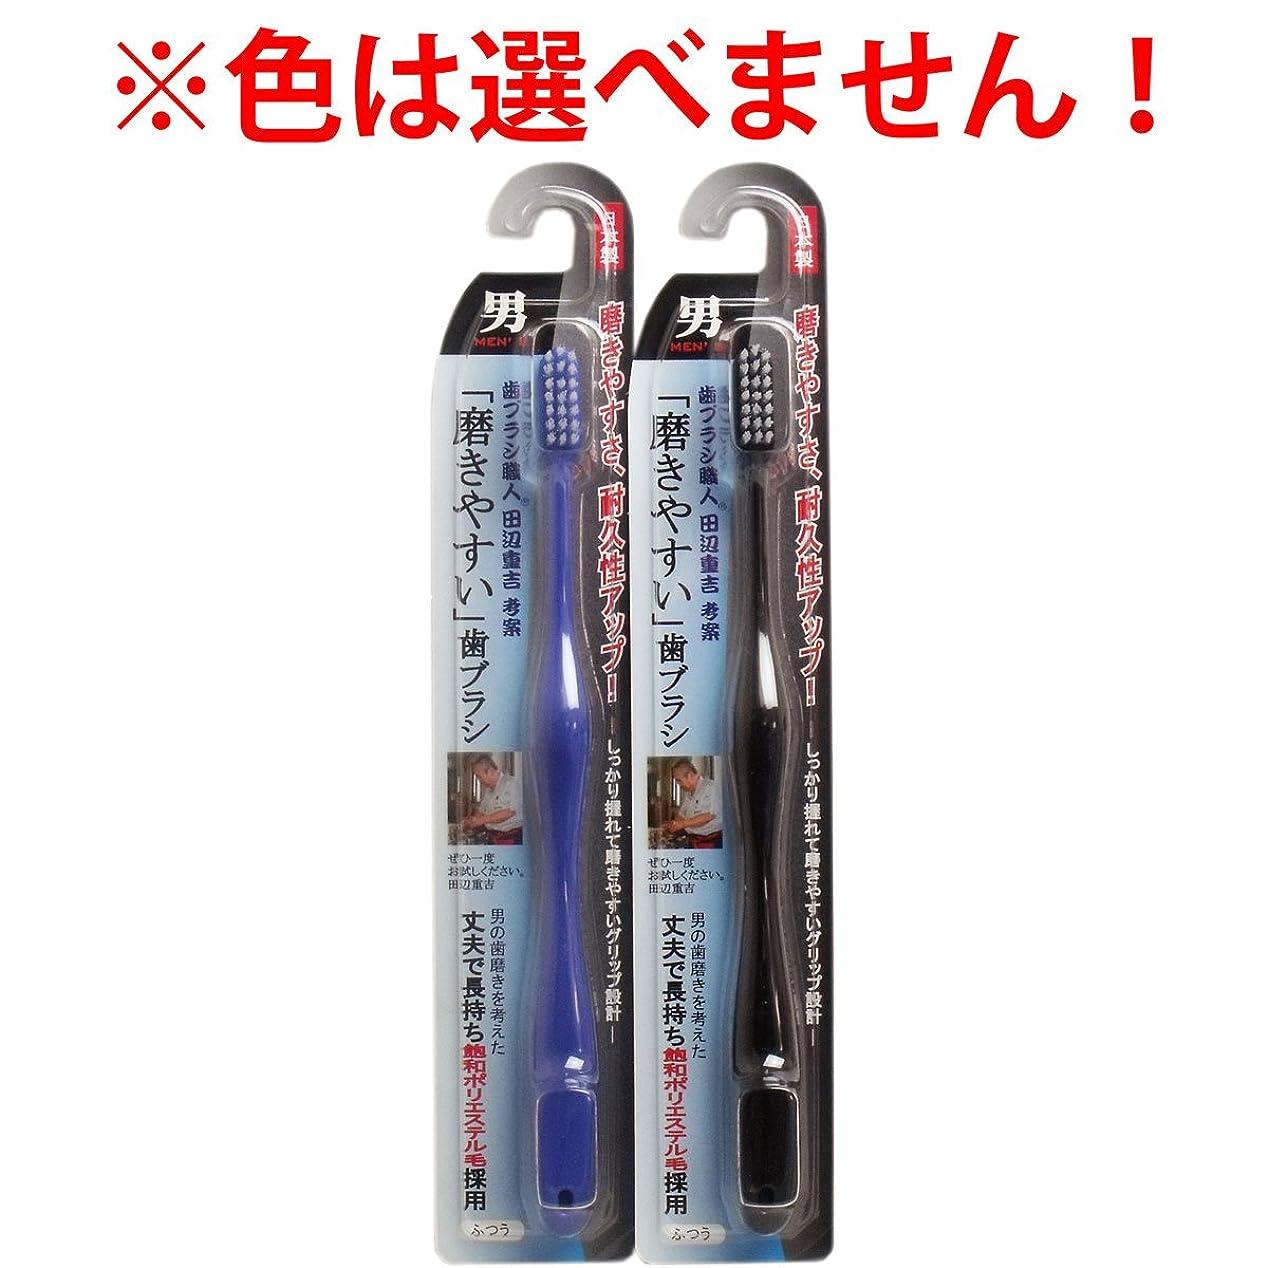 等勇気スパイライフレンジ 「磨きやすい」歯ブラシ男 LT-08 1本